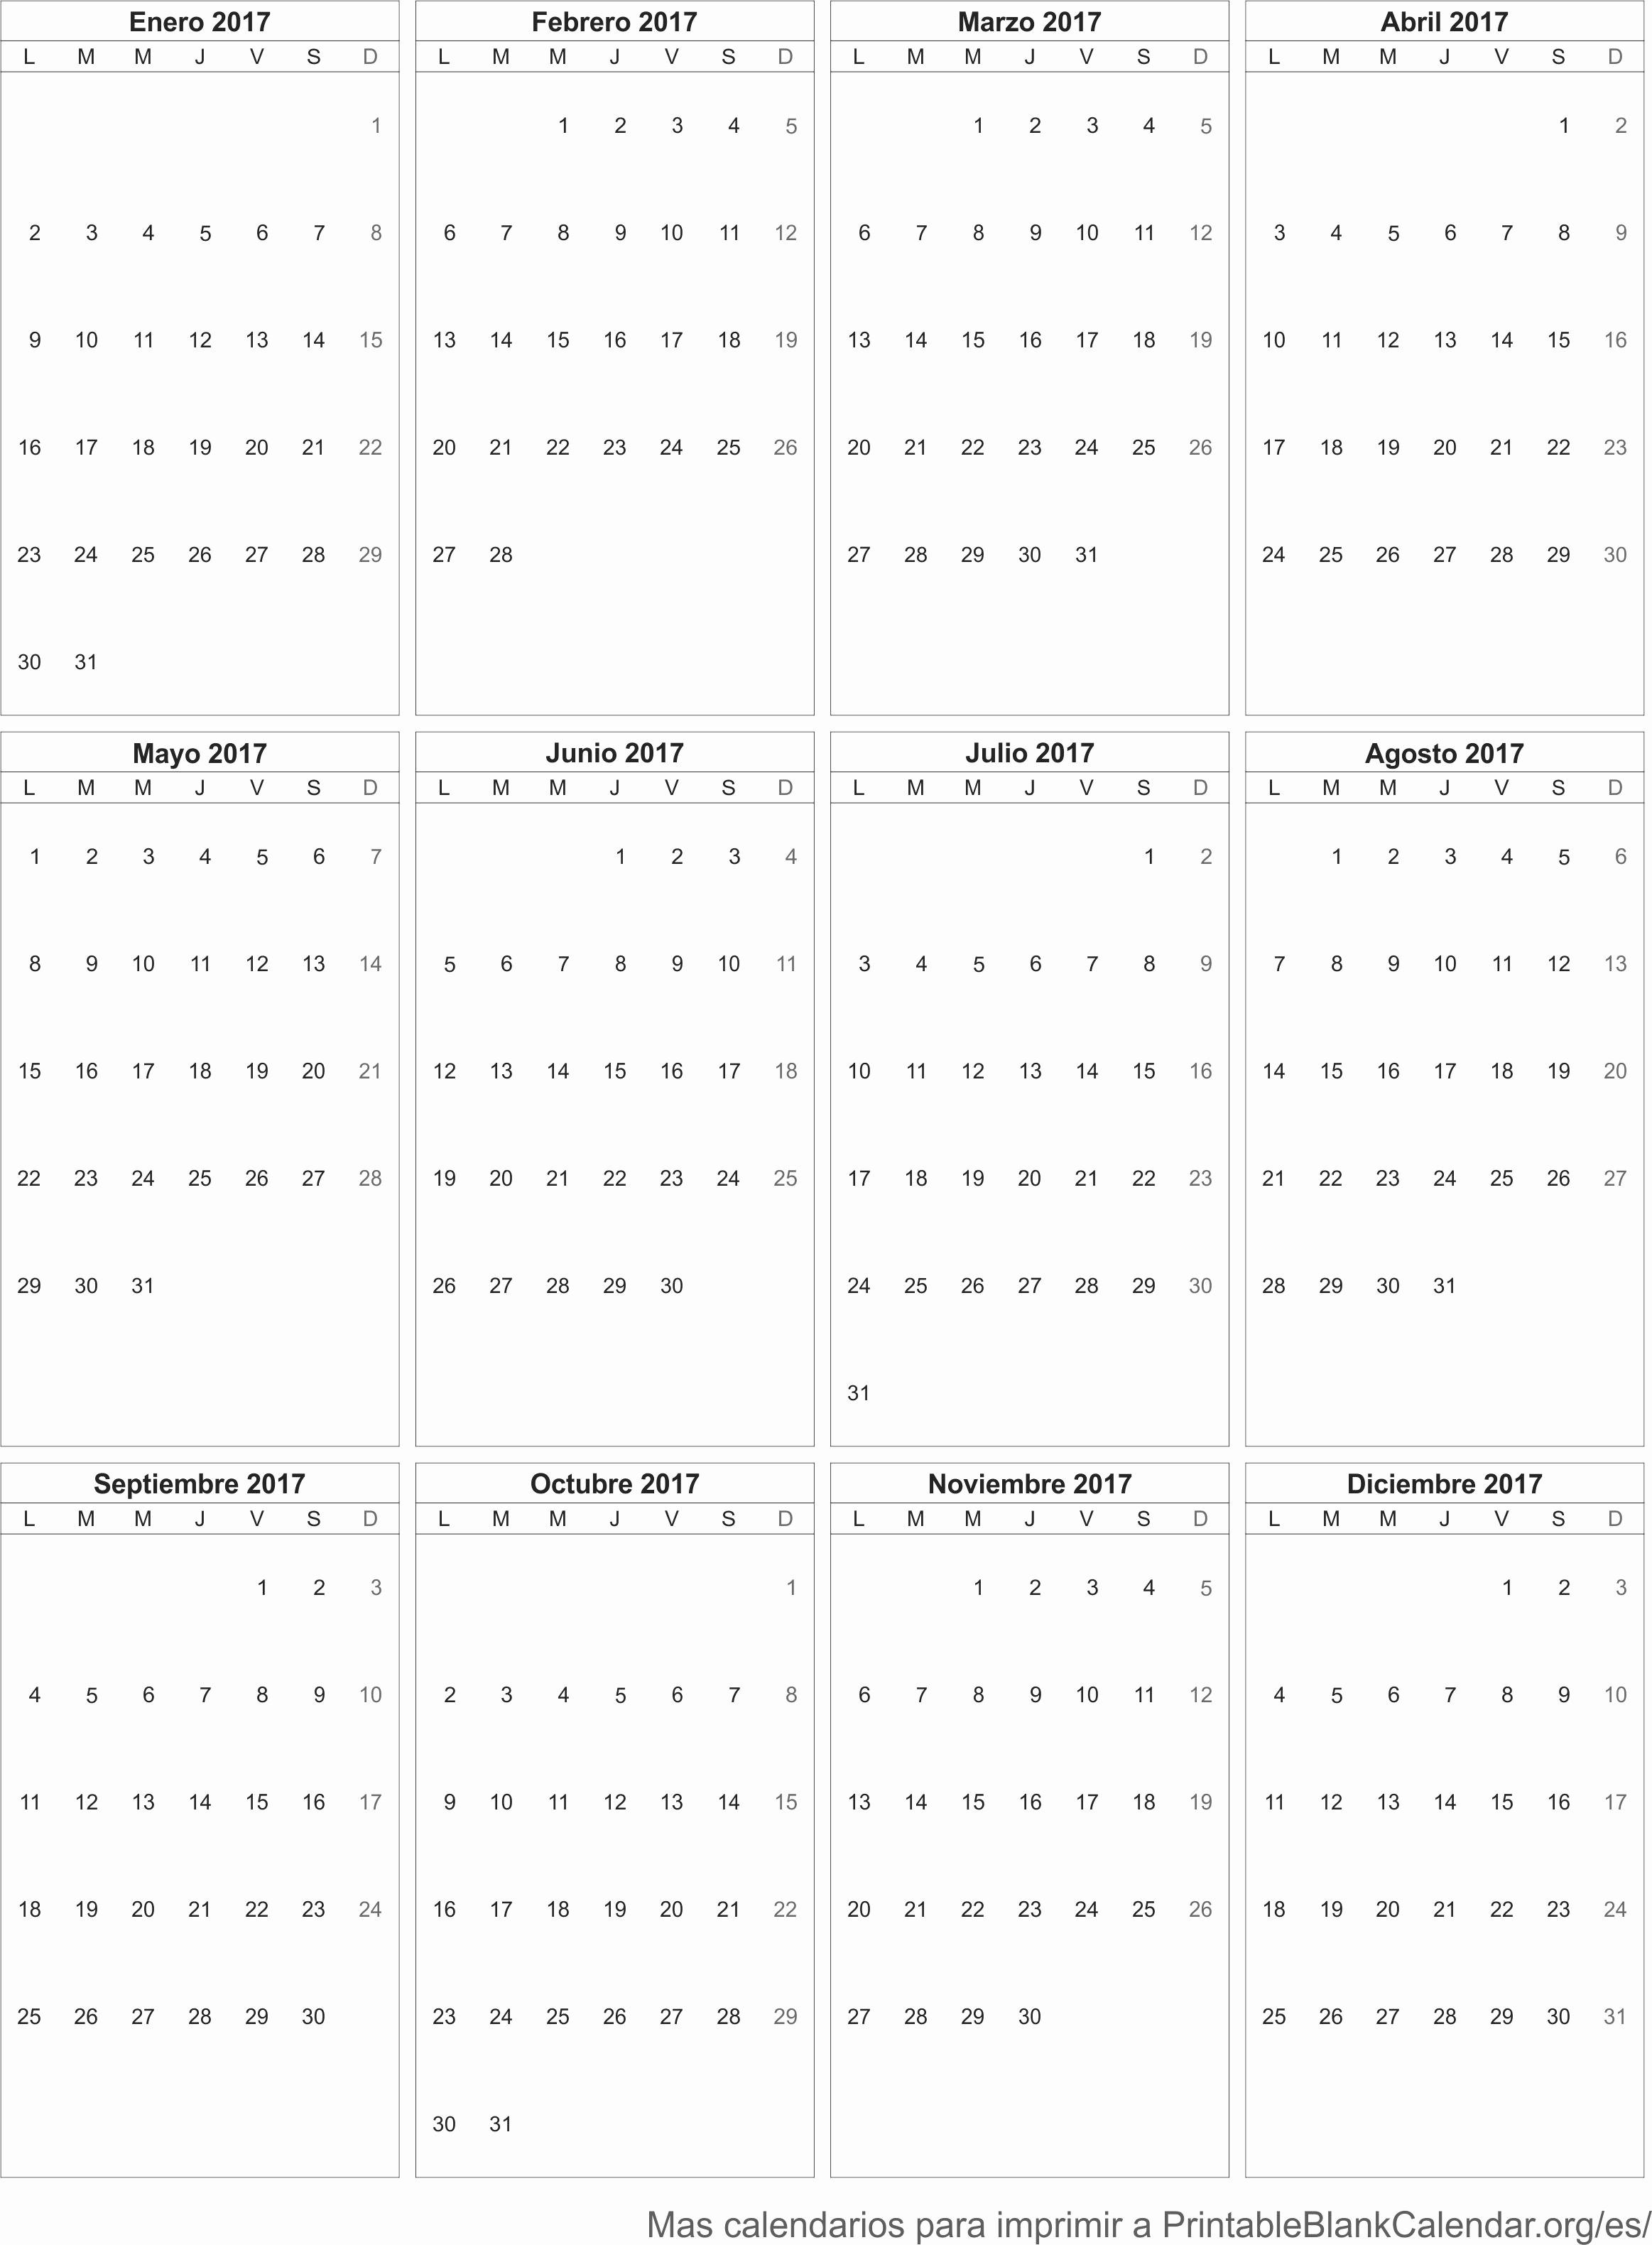 Calendario Anual 2017 Para Imprimir Lovely 2017 Calendario Para Imprimir Calendarios Para Imprimir